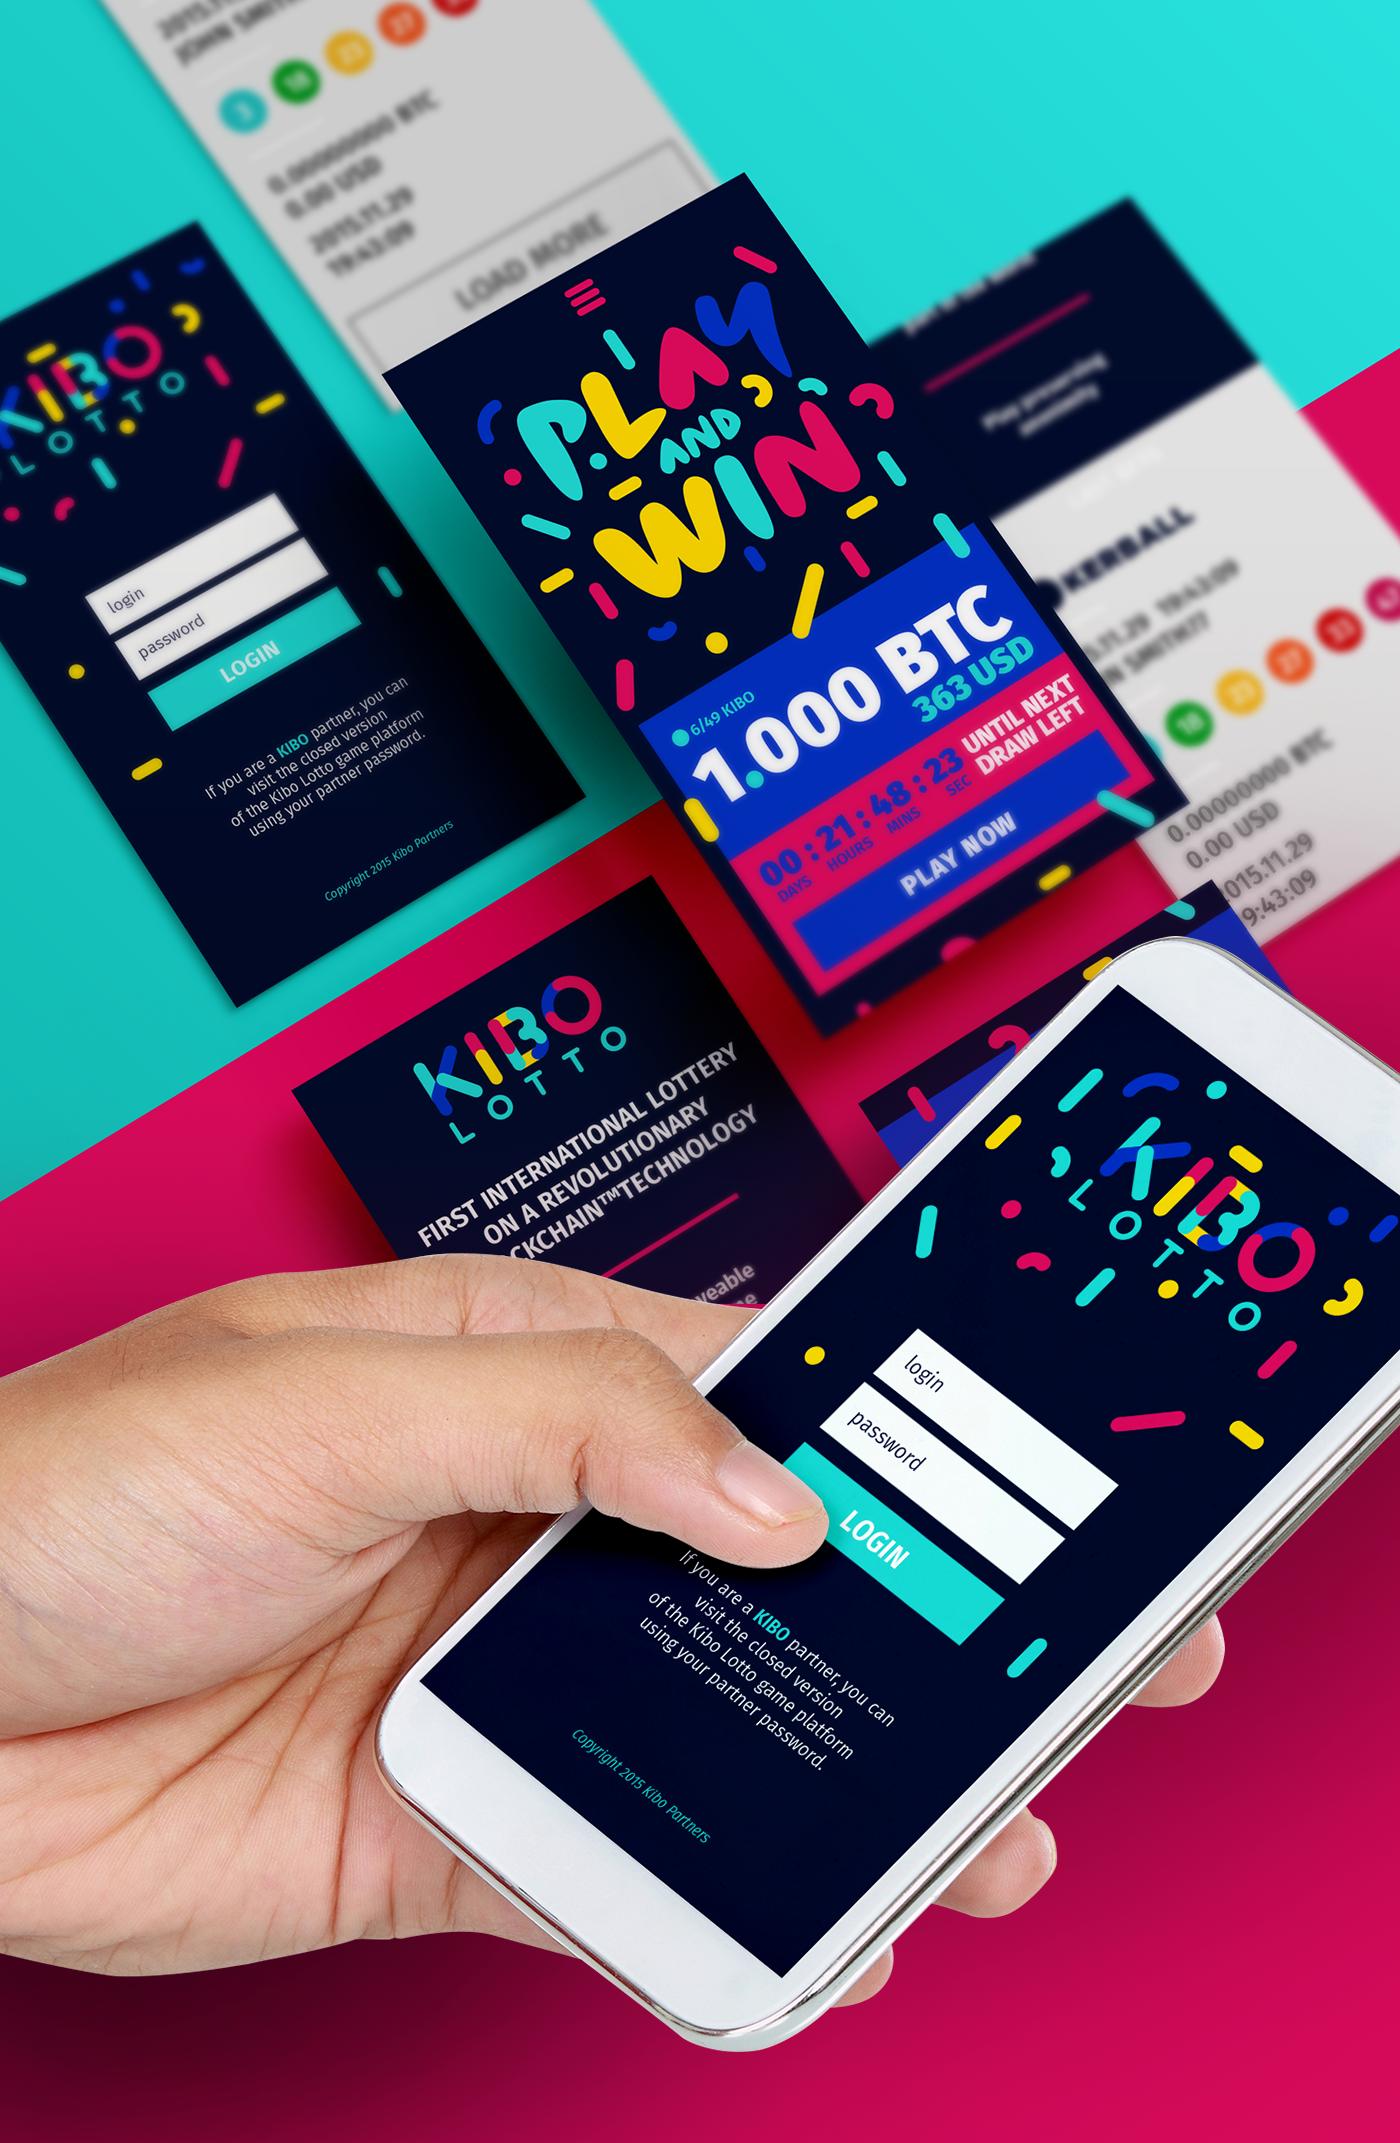 Branding for first international lottery based on blockchain